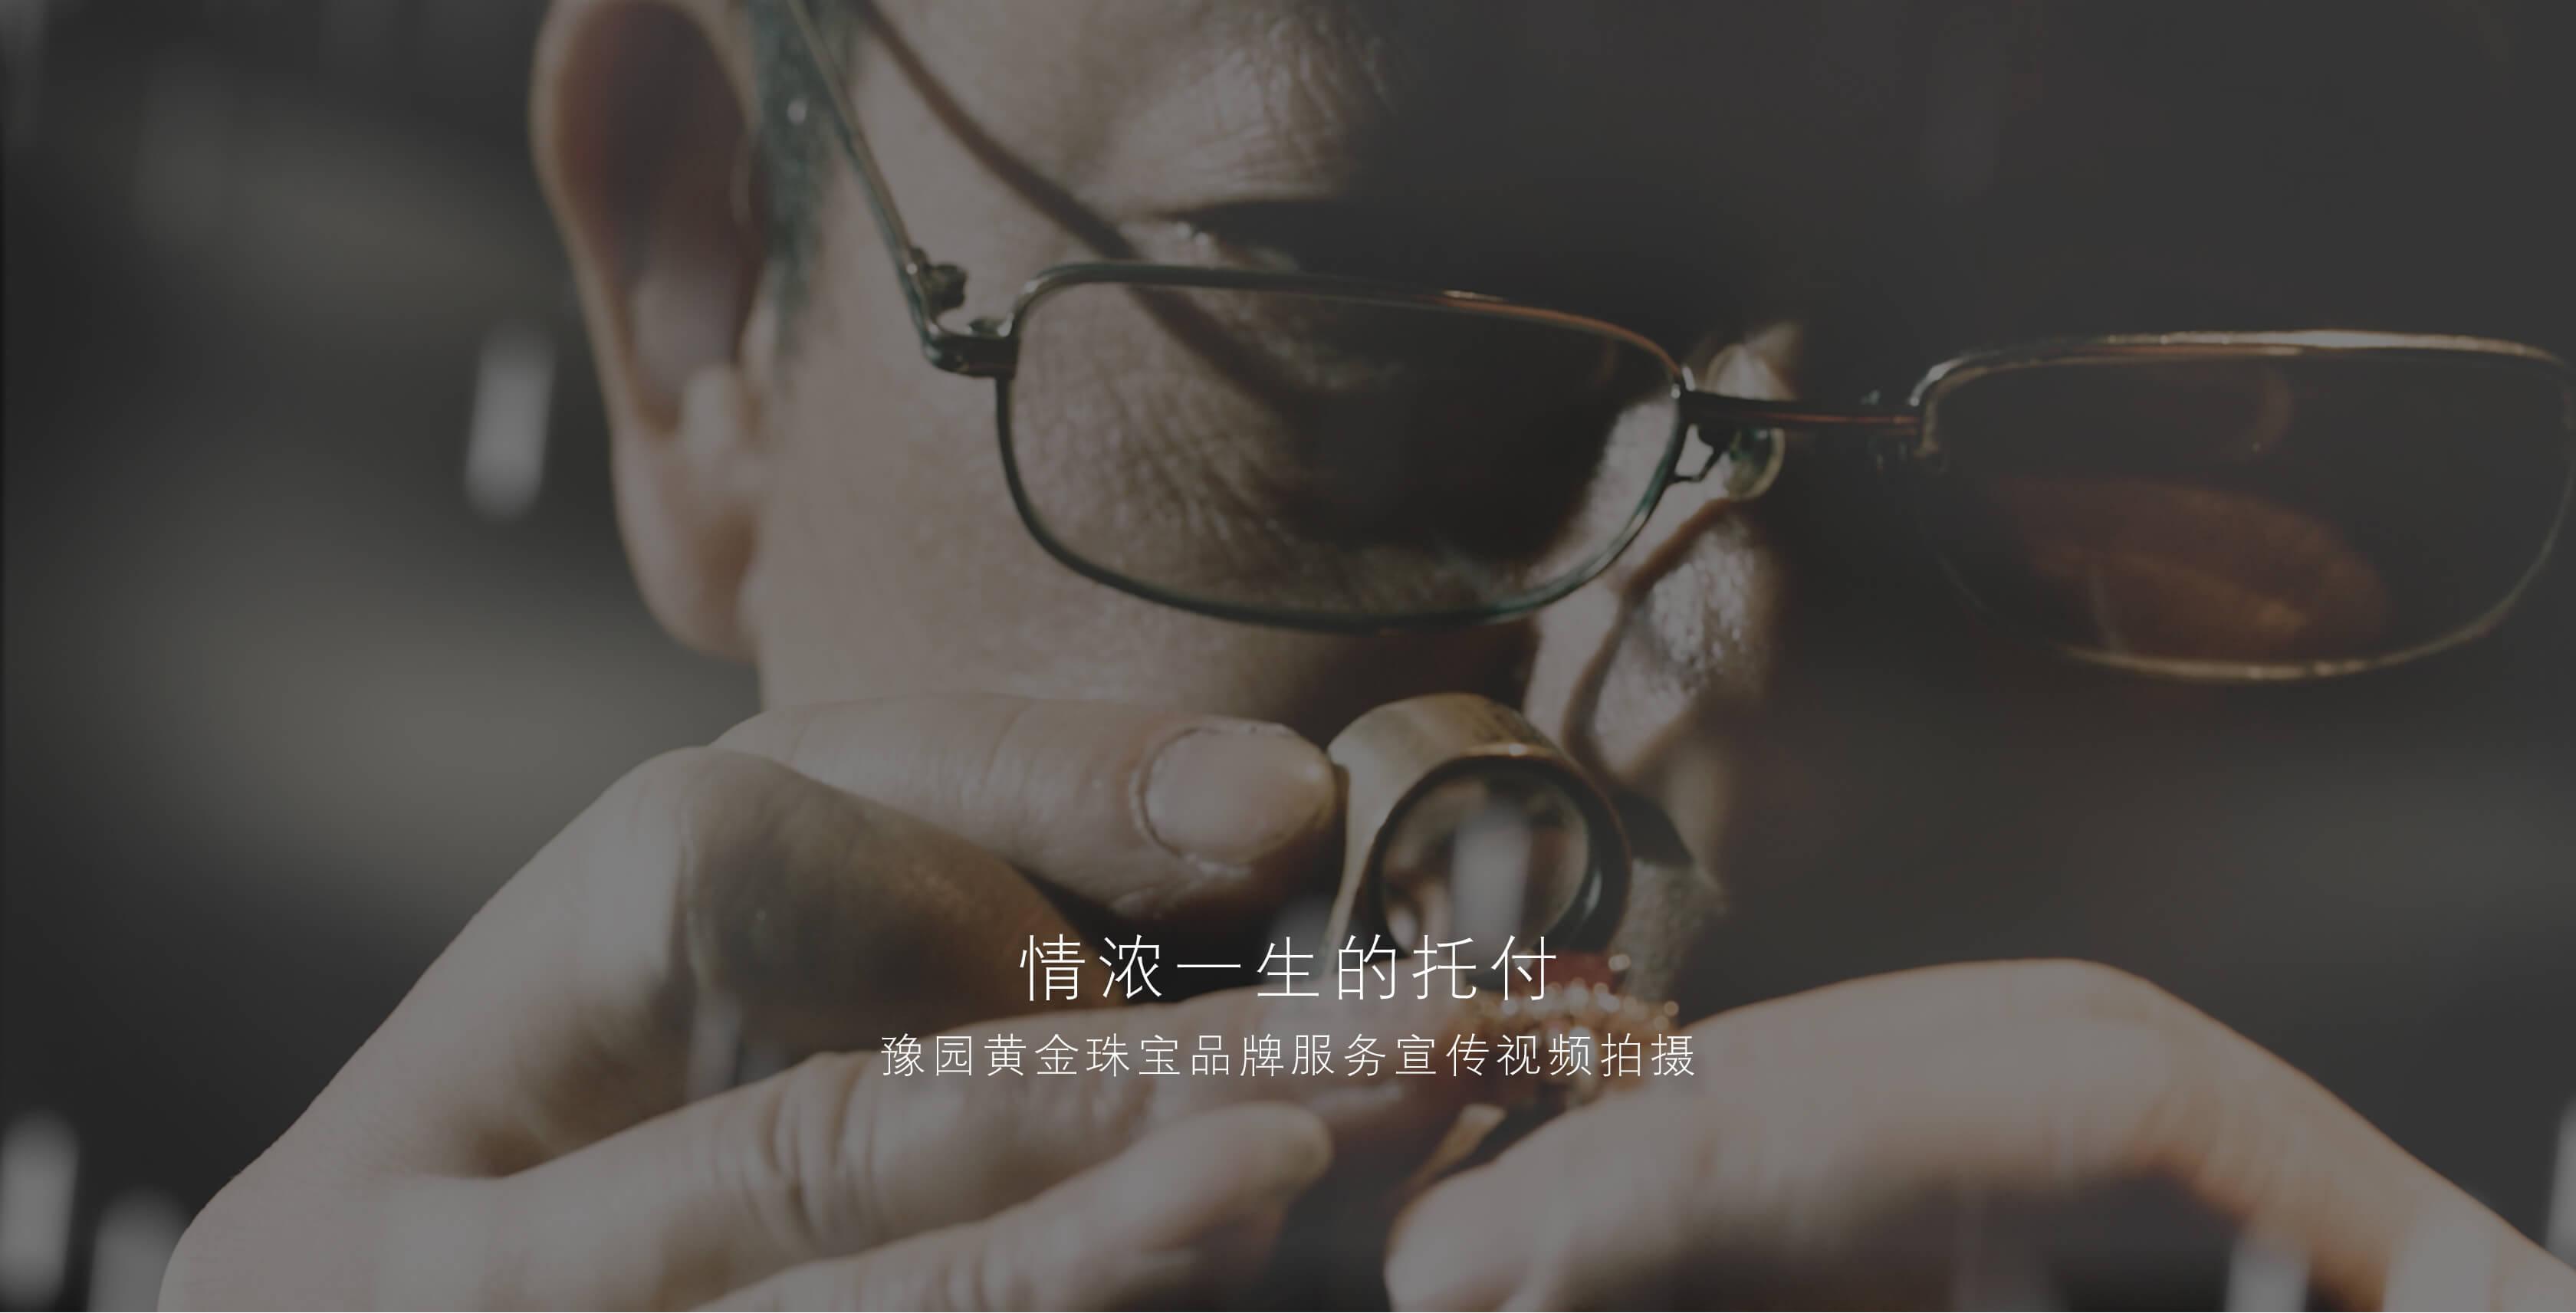 豫园黄金珠宝品牌服务宣传视频拍摄 微视频拍摄 | 班田互动